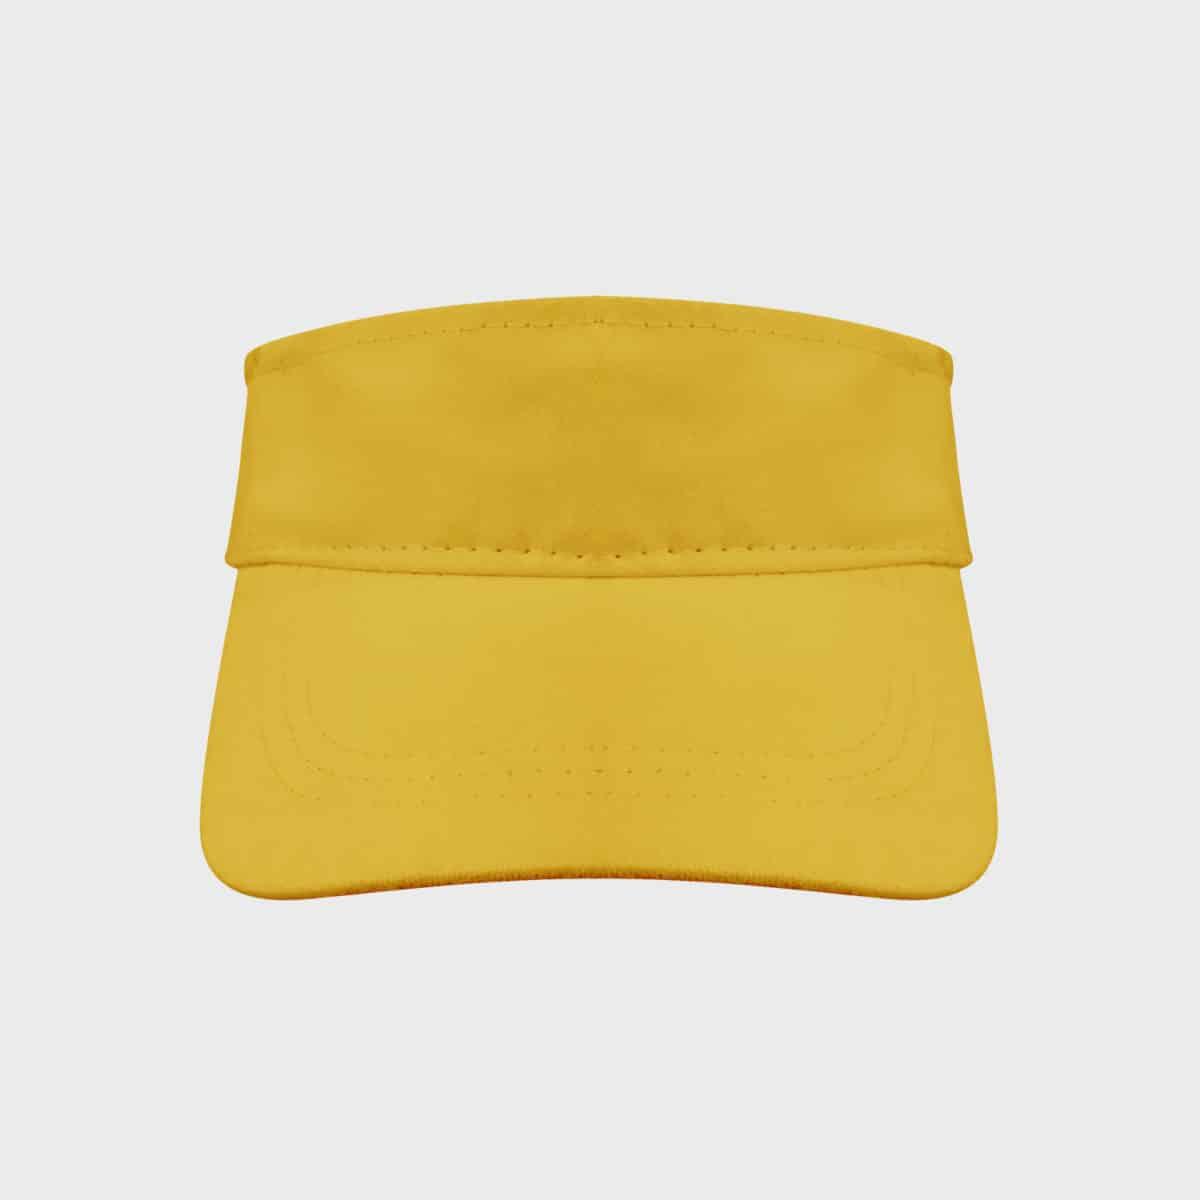 sunviser-visor-yellow-kaufen-besticken_stickmanufaktur